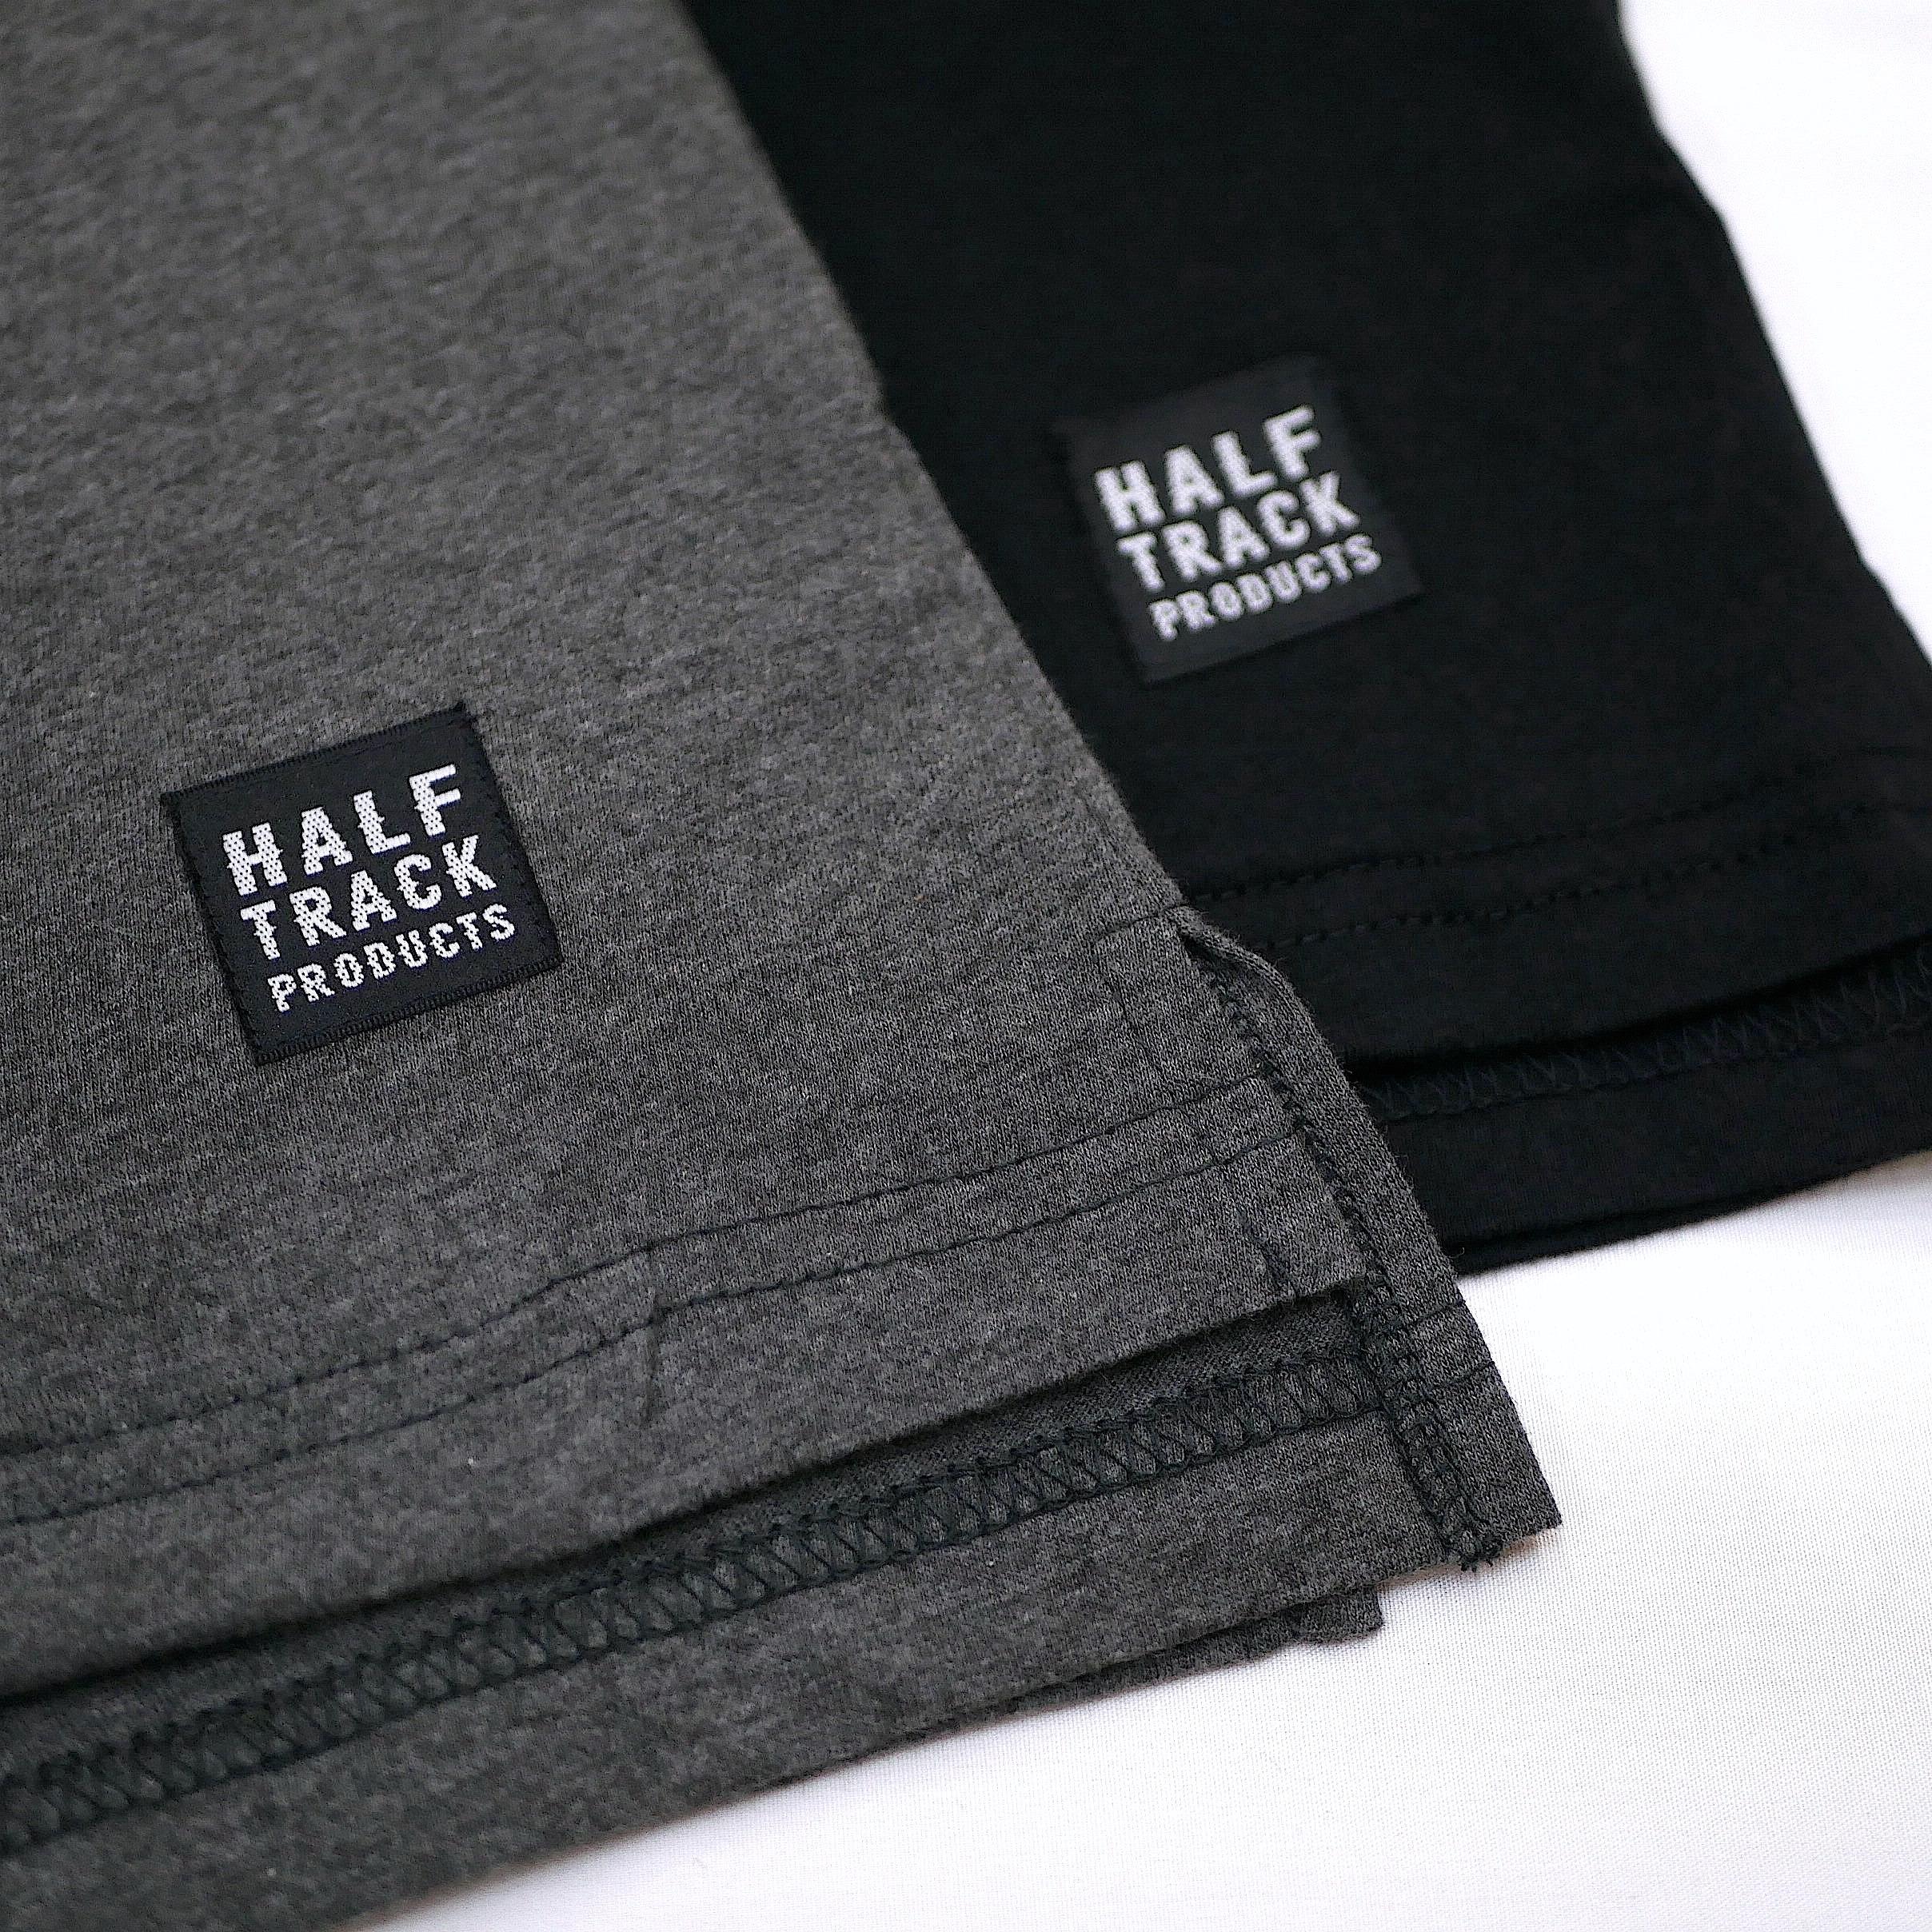 HALFTRACK PRODUCTS / POCKET TEE